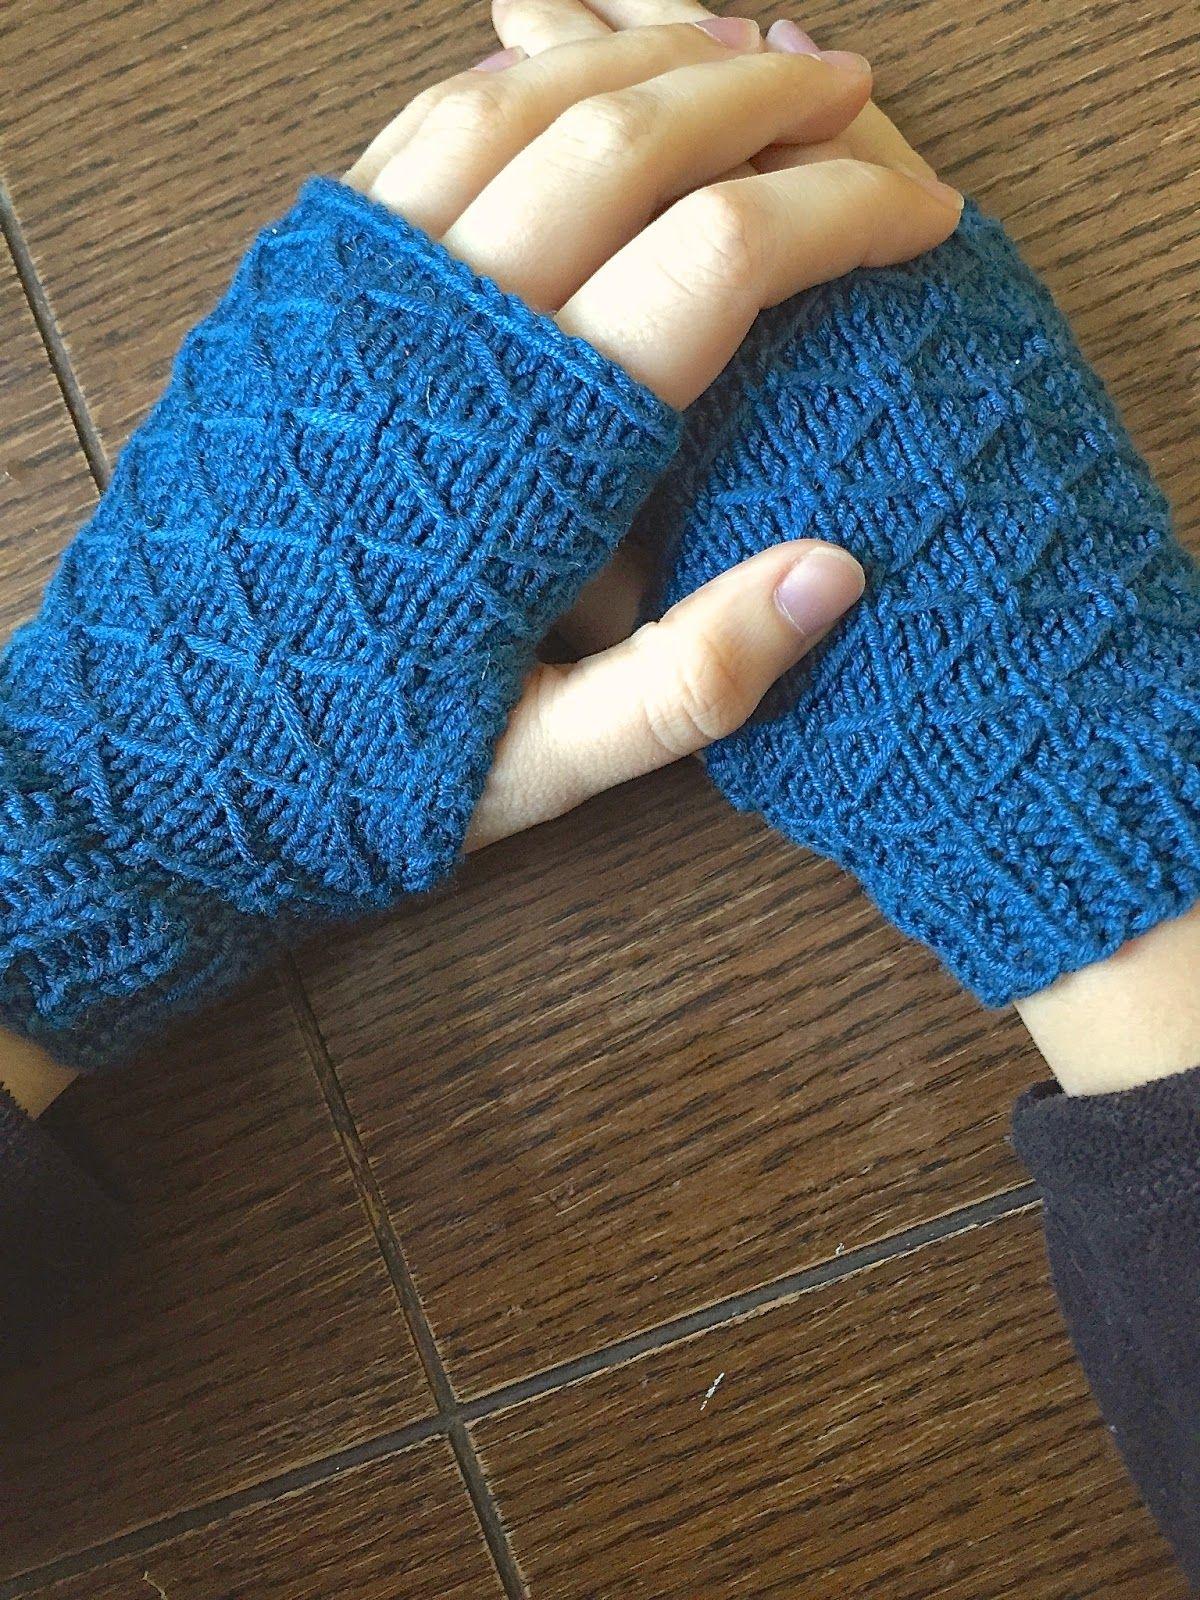 Knit Fingerless Gloves: 16 Free Patterns | Wrist warmers, Knit ...